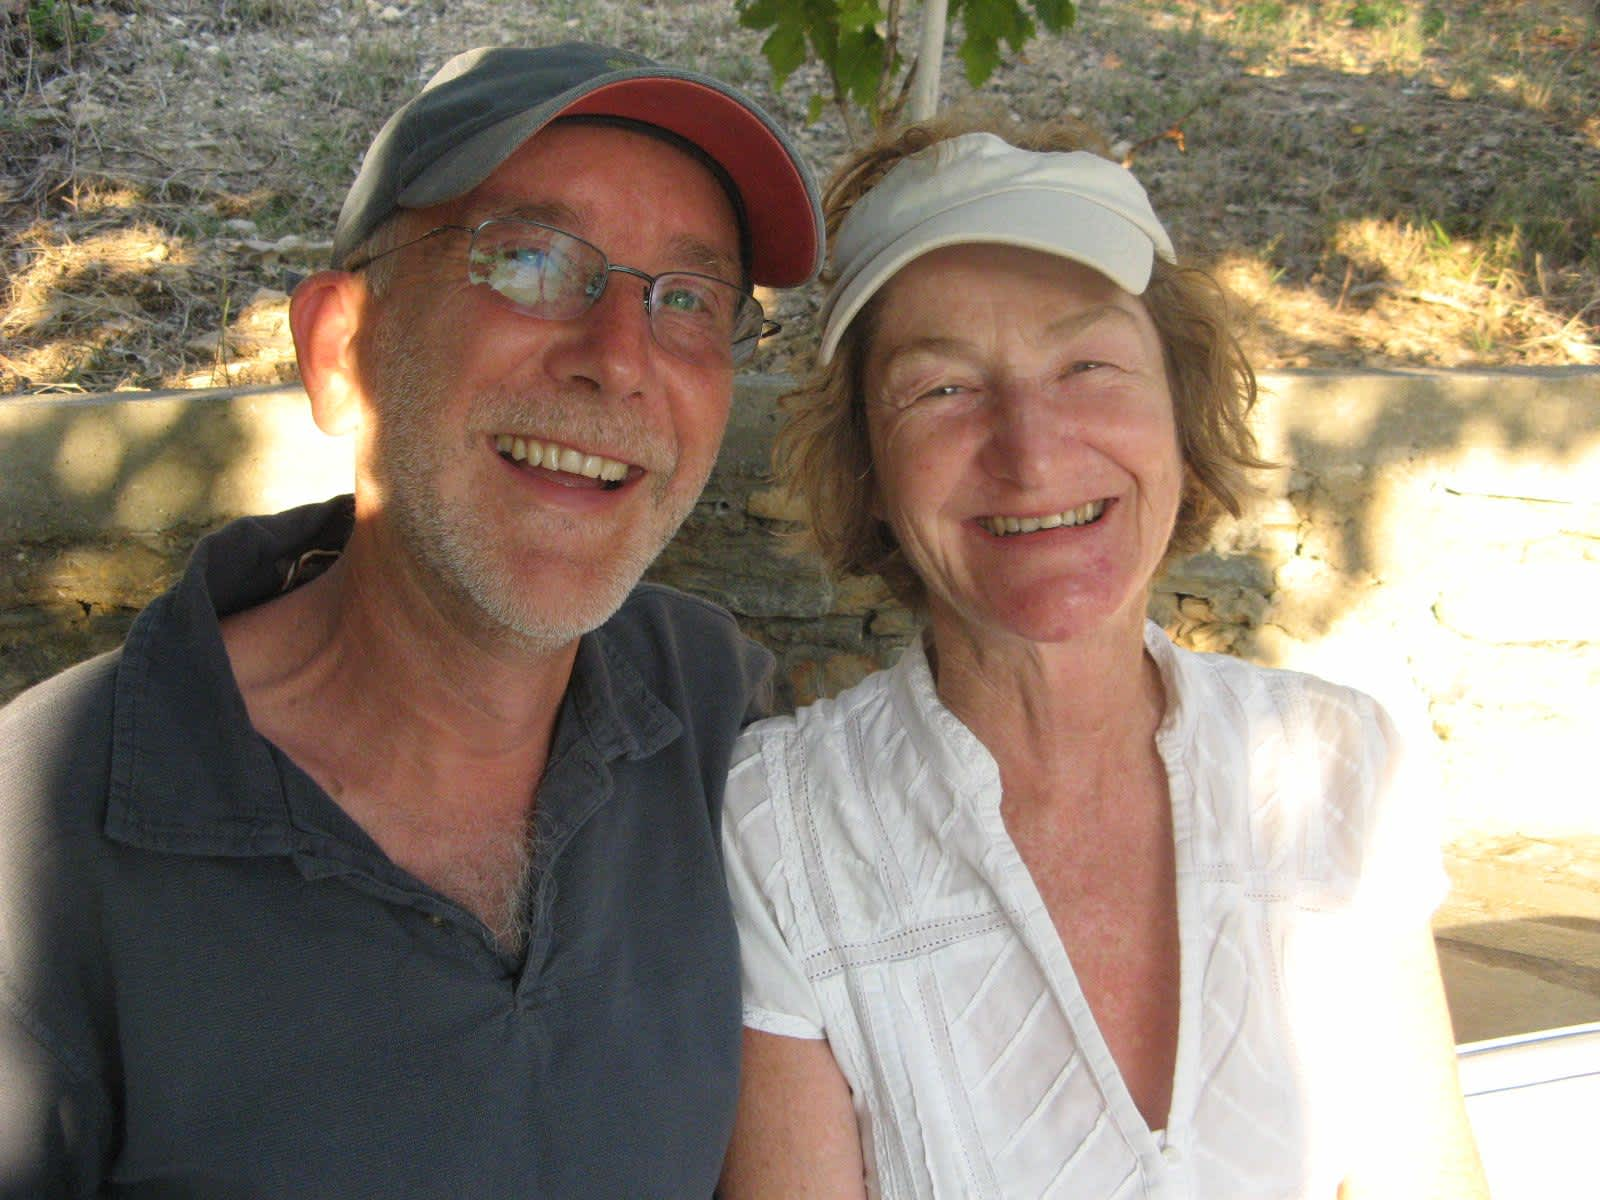 Jenny & tim & Tim from Modbury, United Kingdom